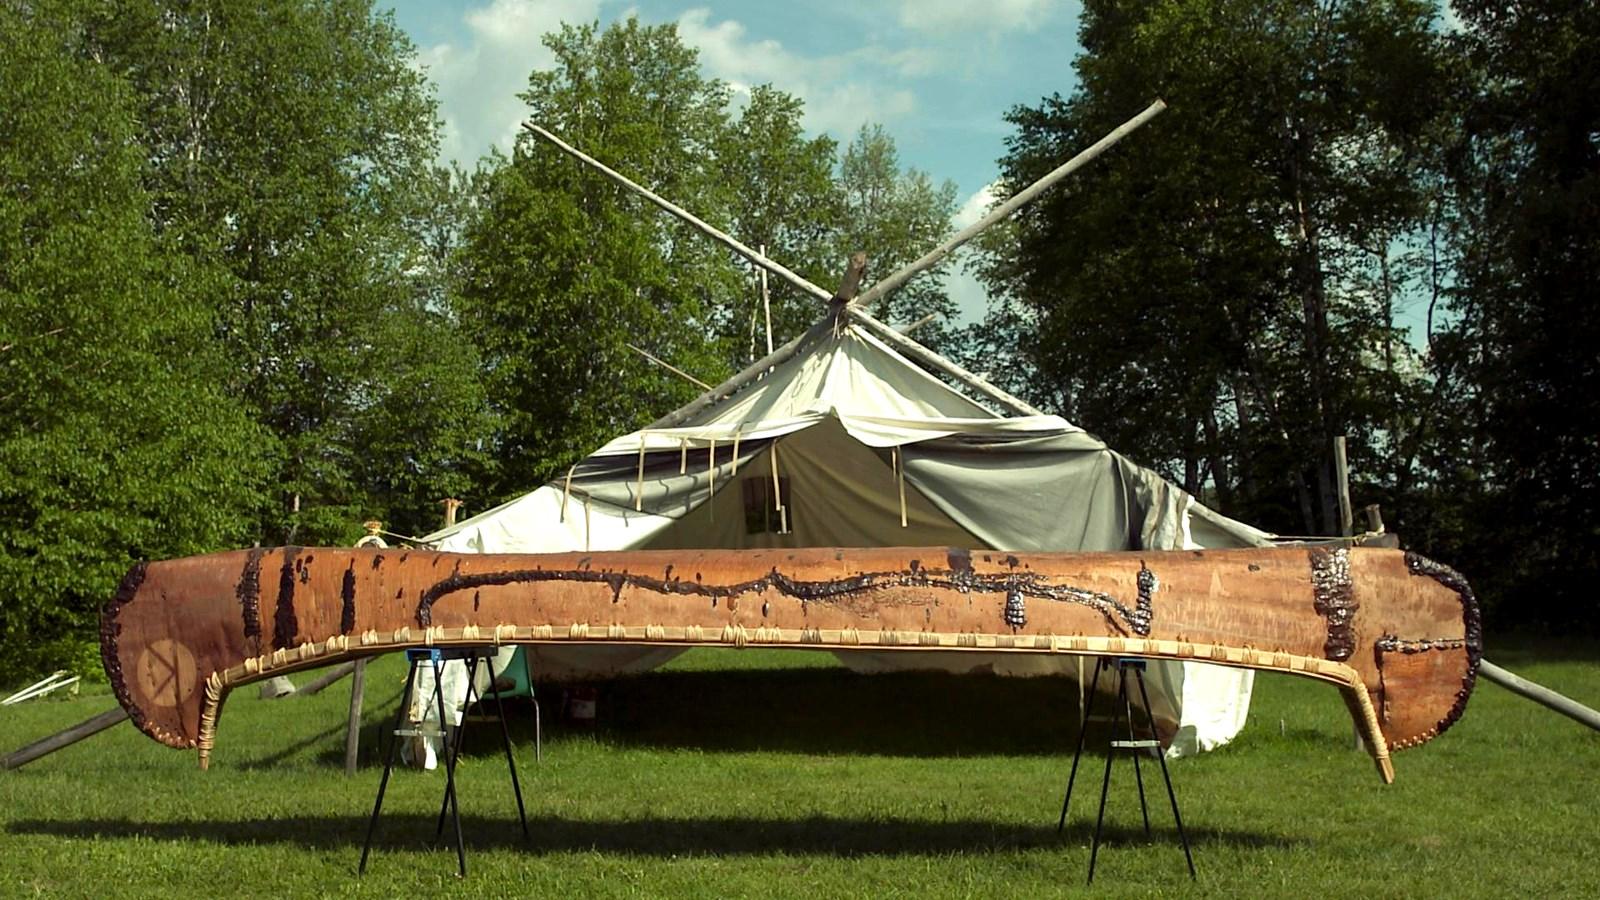 Le canot Anishinabeg traditionnel | Vidéos | La Fabrique culturelle